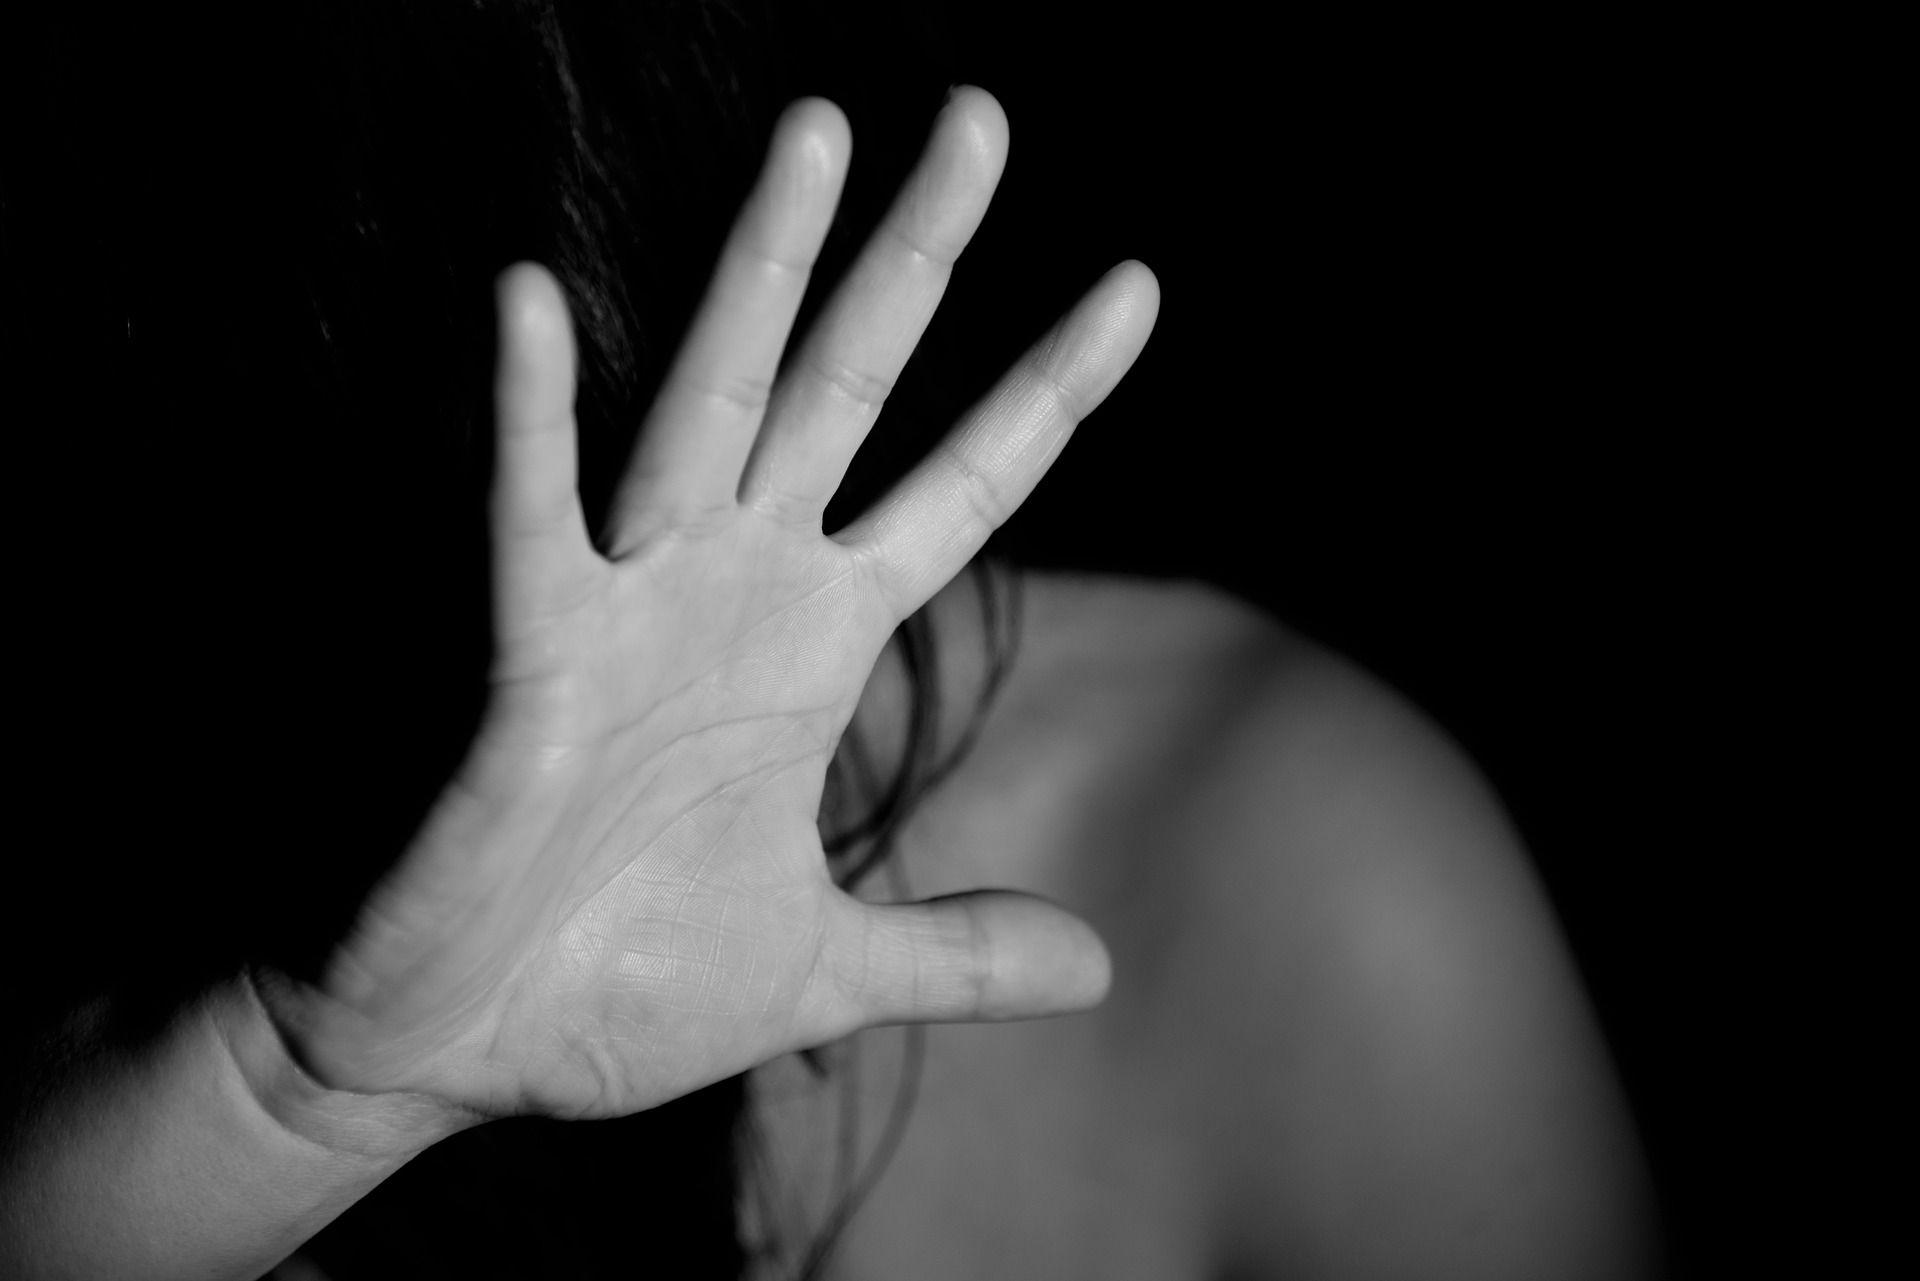 As marcas do feminicídio e o abismo da depressão